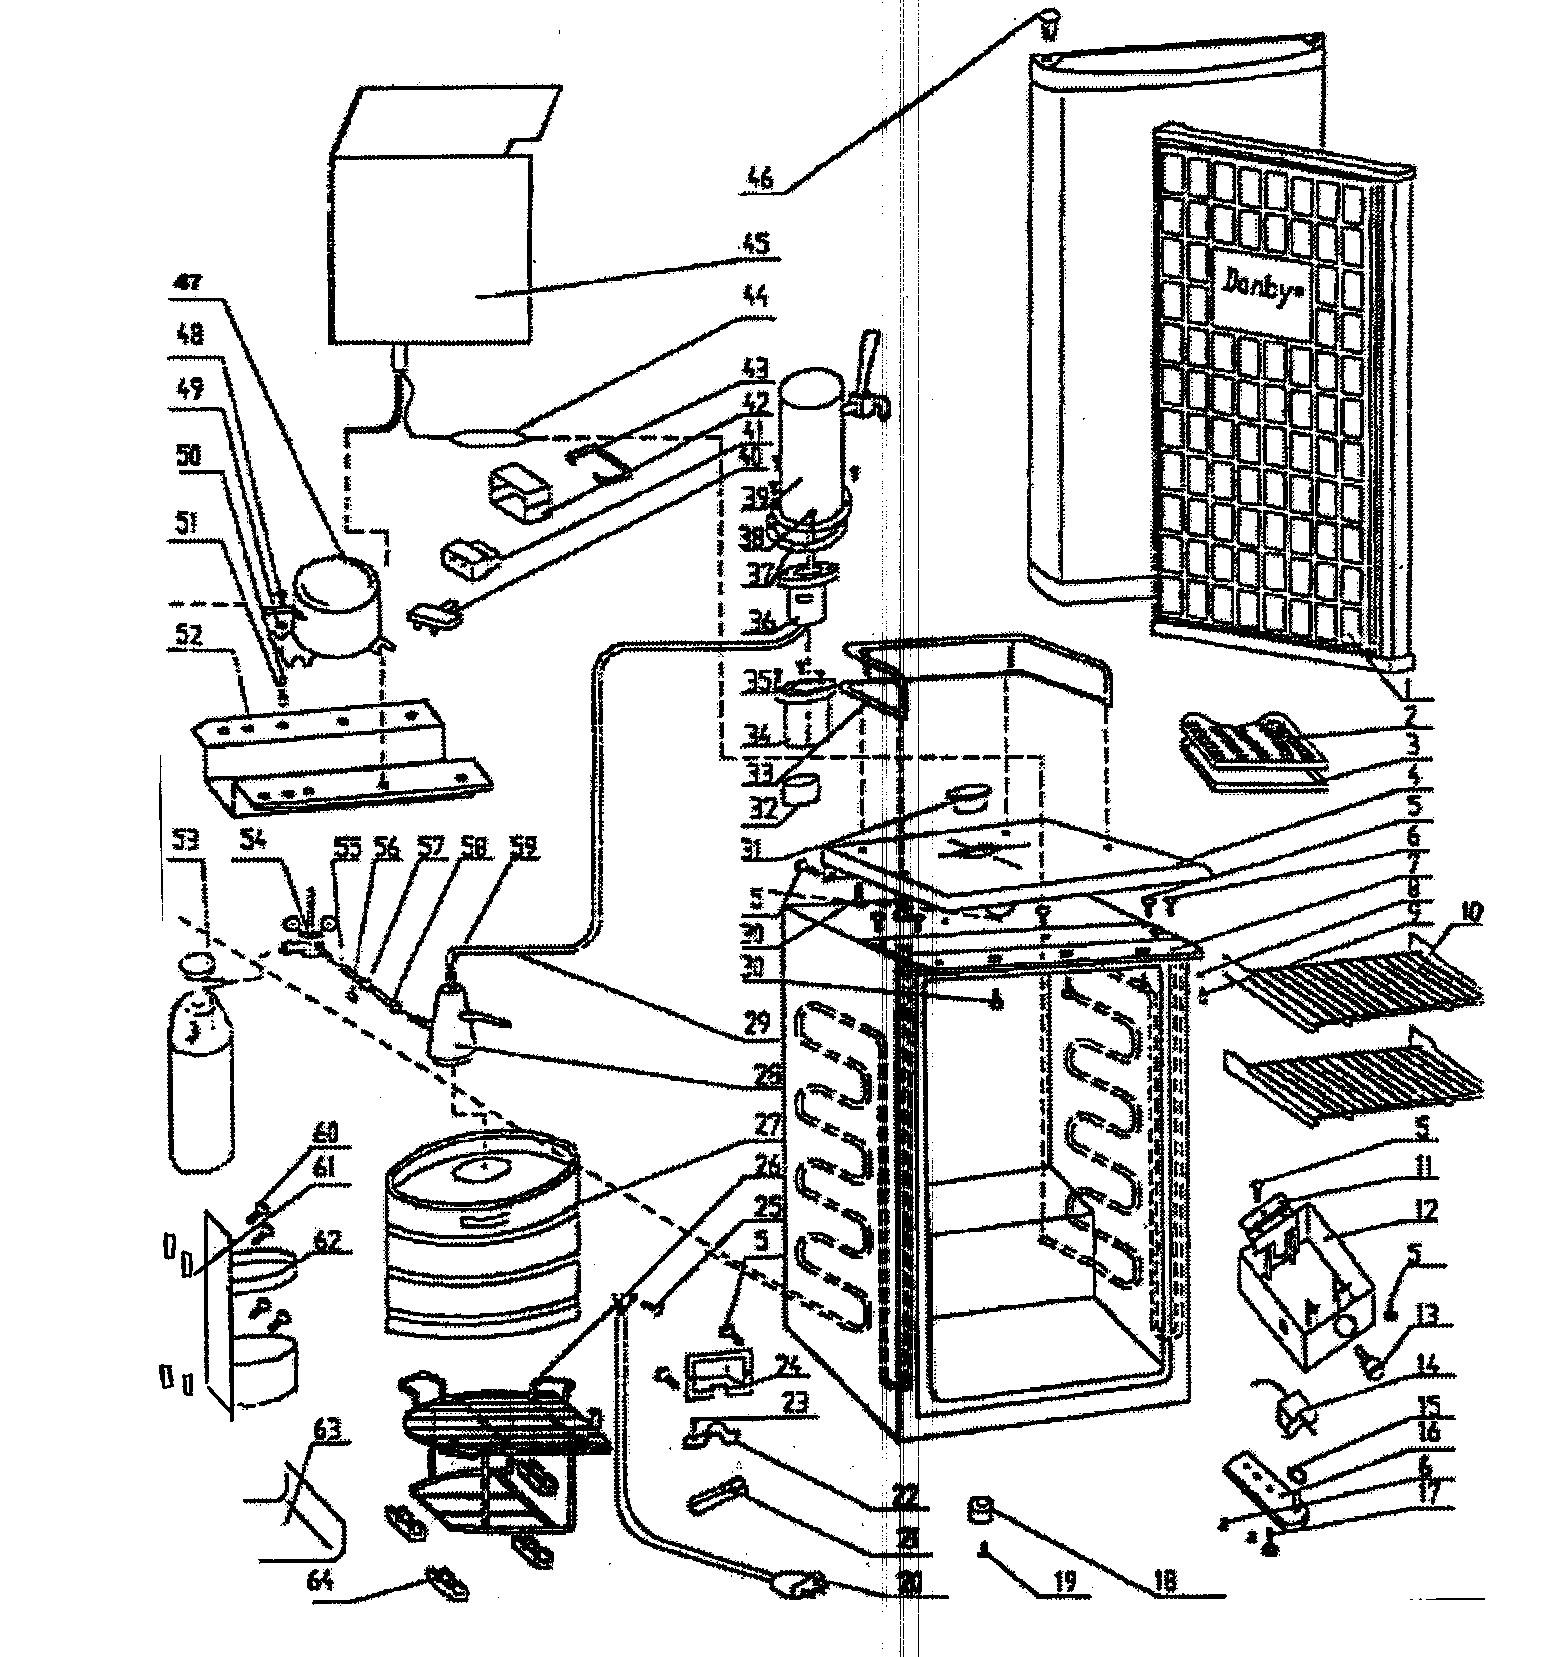 Danby Kegerator Parts Diagram Looking for Danby Model Dkc445bl Wine & Beverage Cooler Repair Of Danby Kegerator Parts Diagram